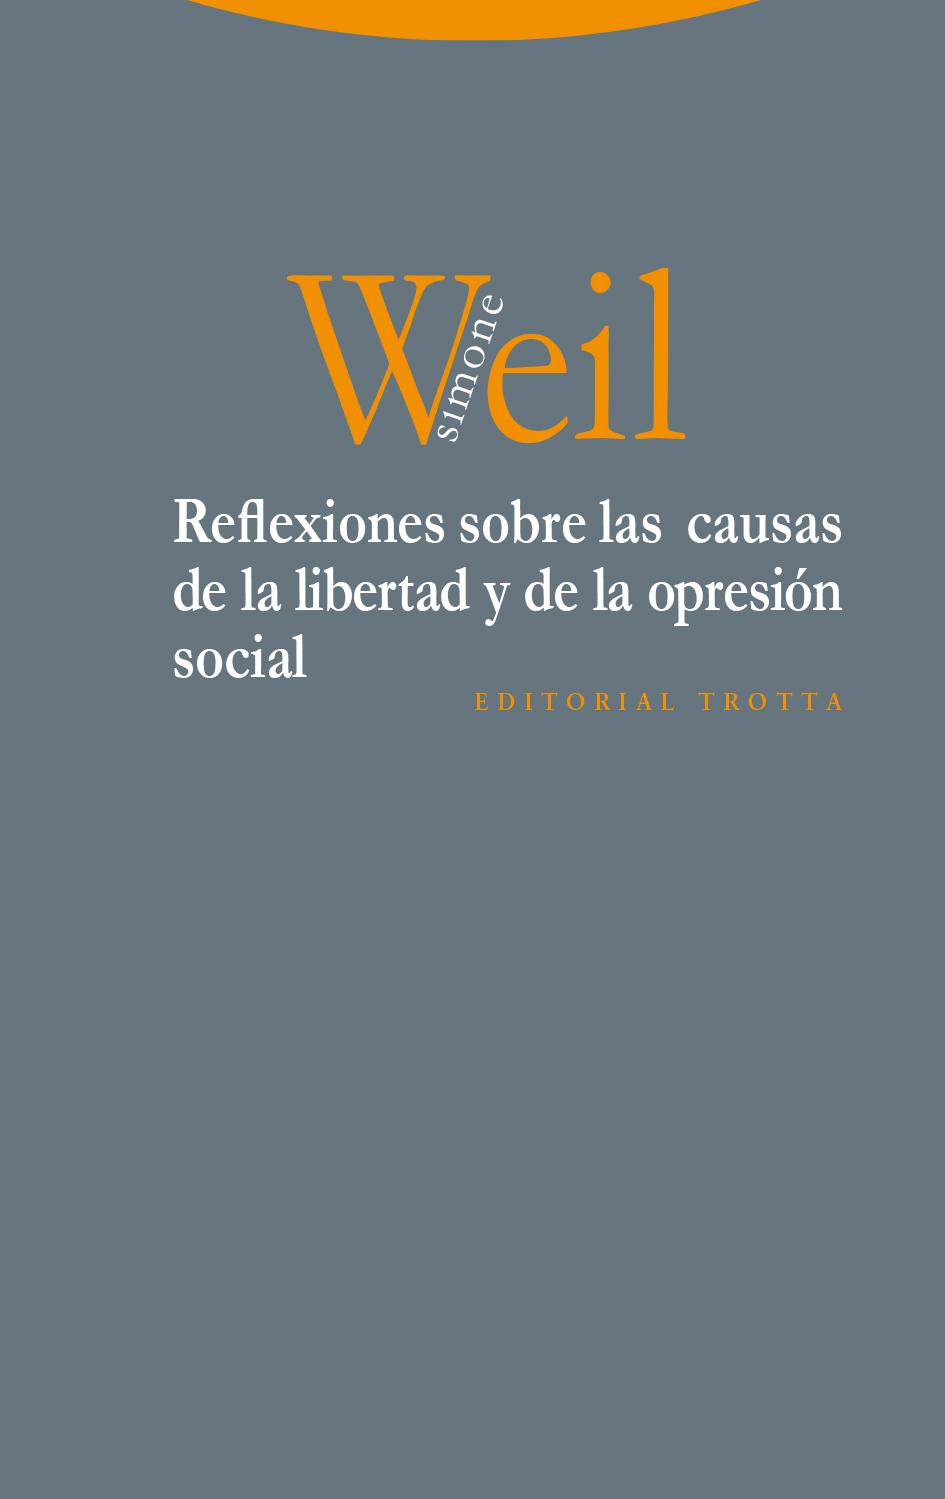 simone_weil_libro_reflexiones_trotta